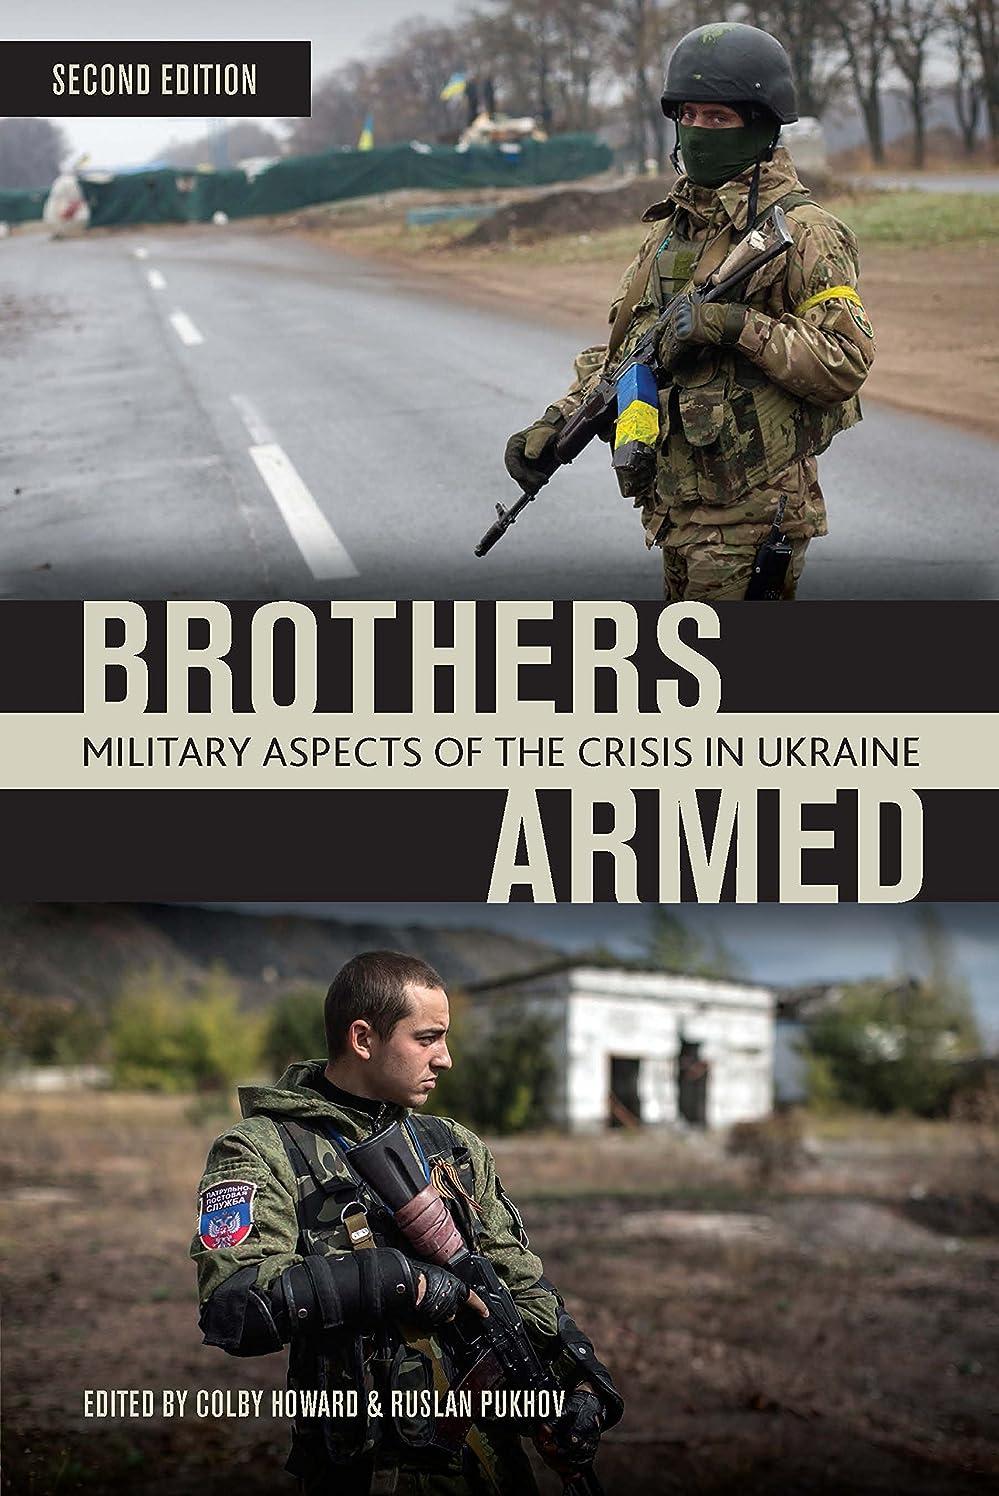 真似る勤勉検出Brothers Armed: Military Aspects of the Crisis in Ukraine (English Edition)